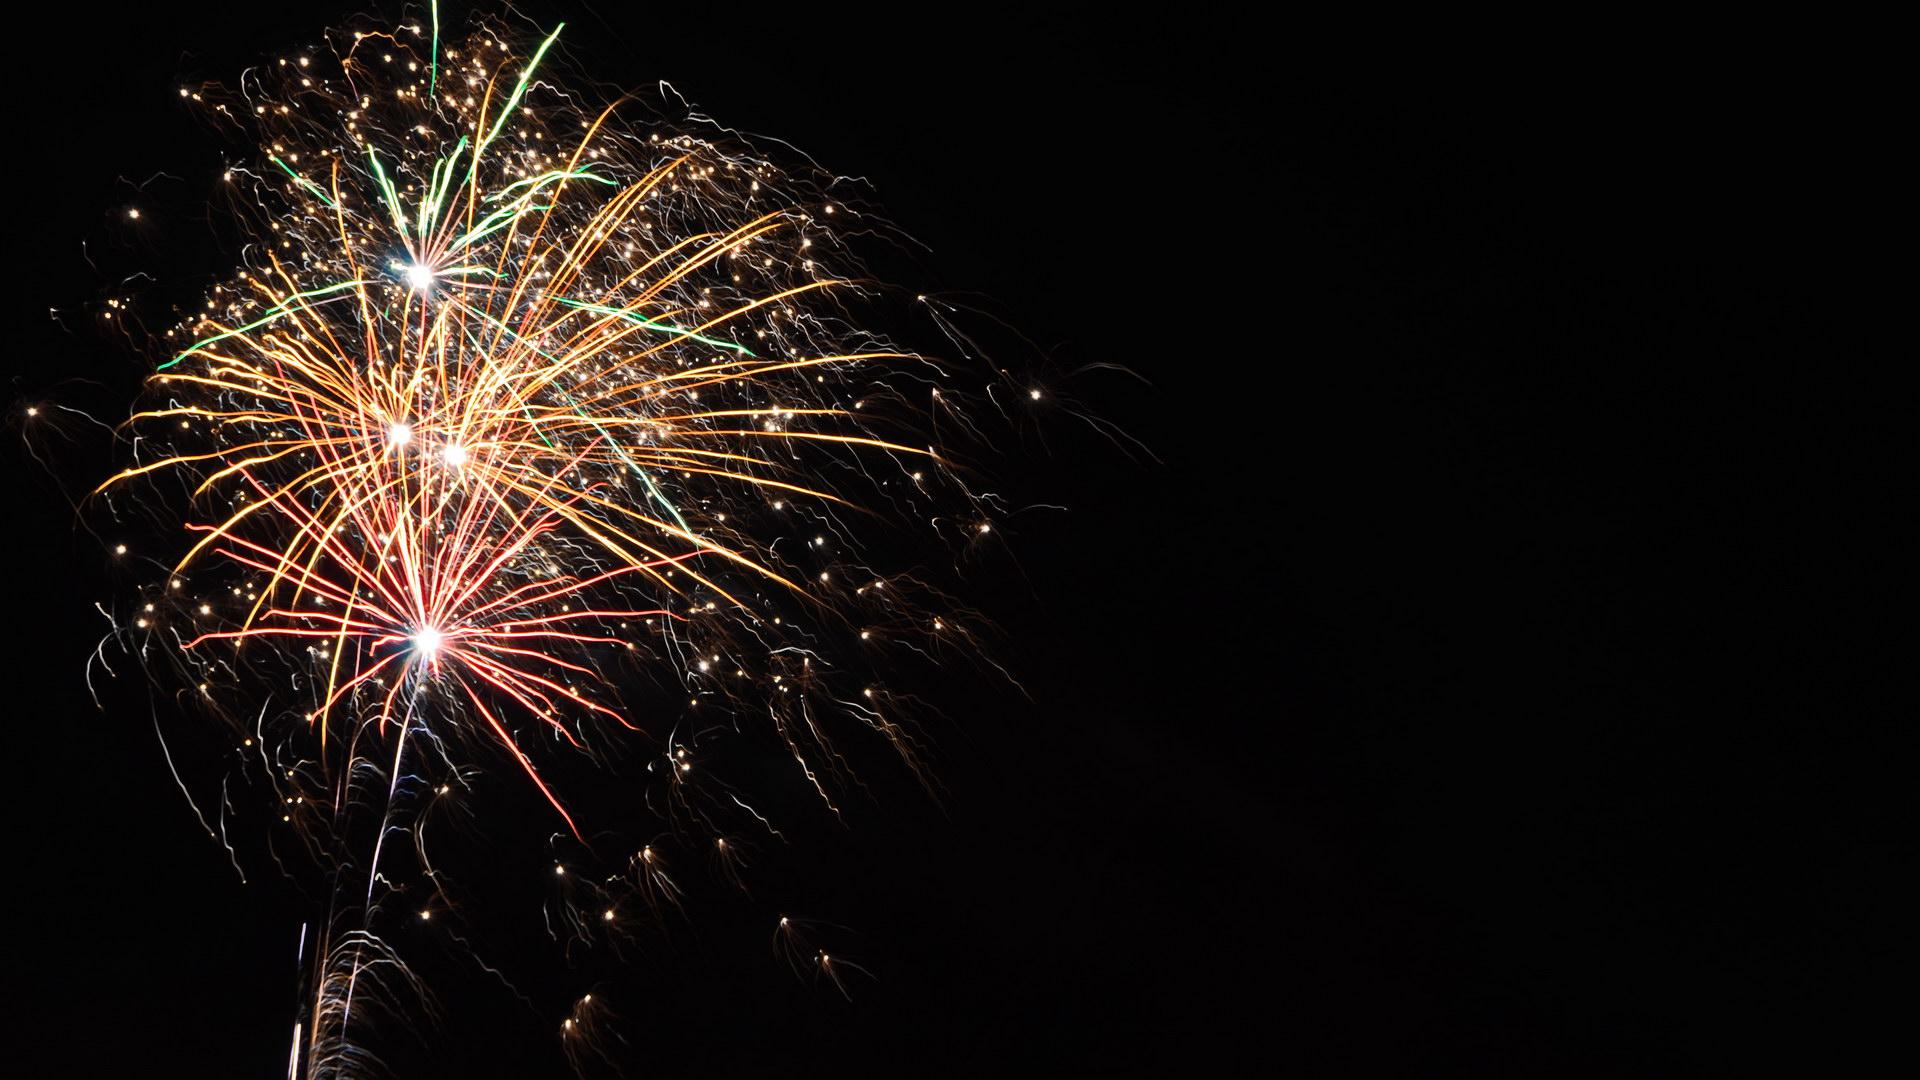 Silvesterfeuerwerk vor schwarzem Himmel